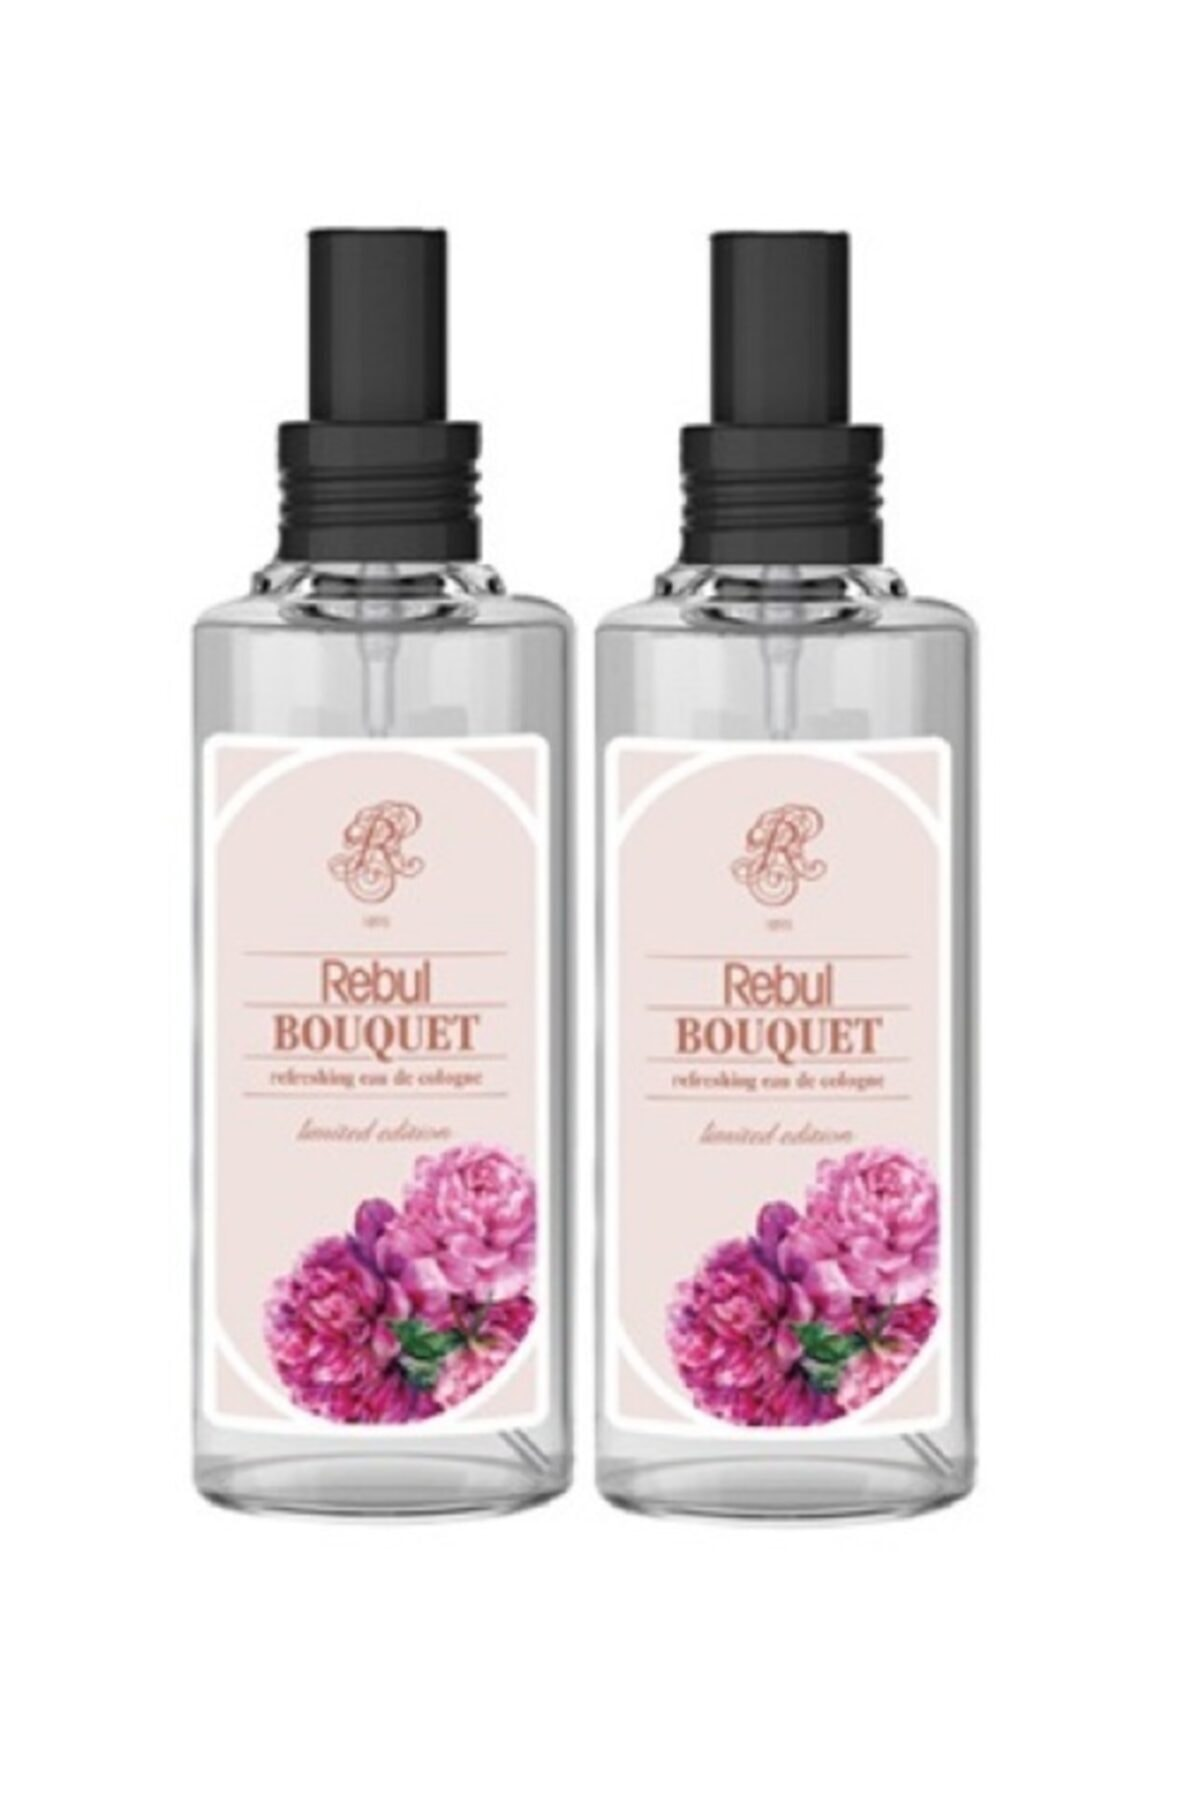 Rebul 2 Adet Bouquet Kolonya 100 Ml Spreyli Cam Şişe Buket Şakayık 100 Ml X2 1